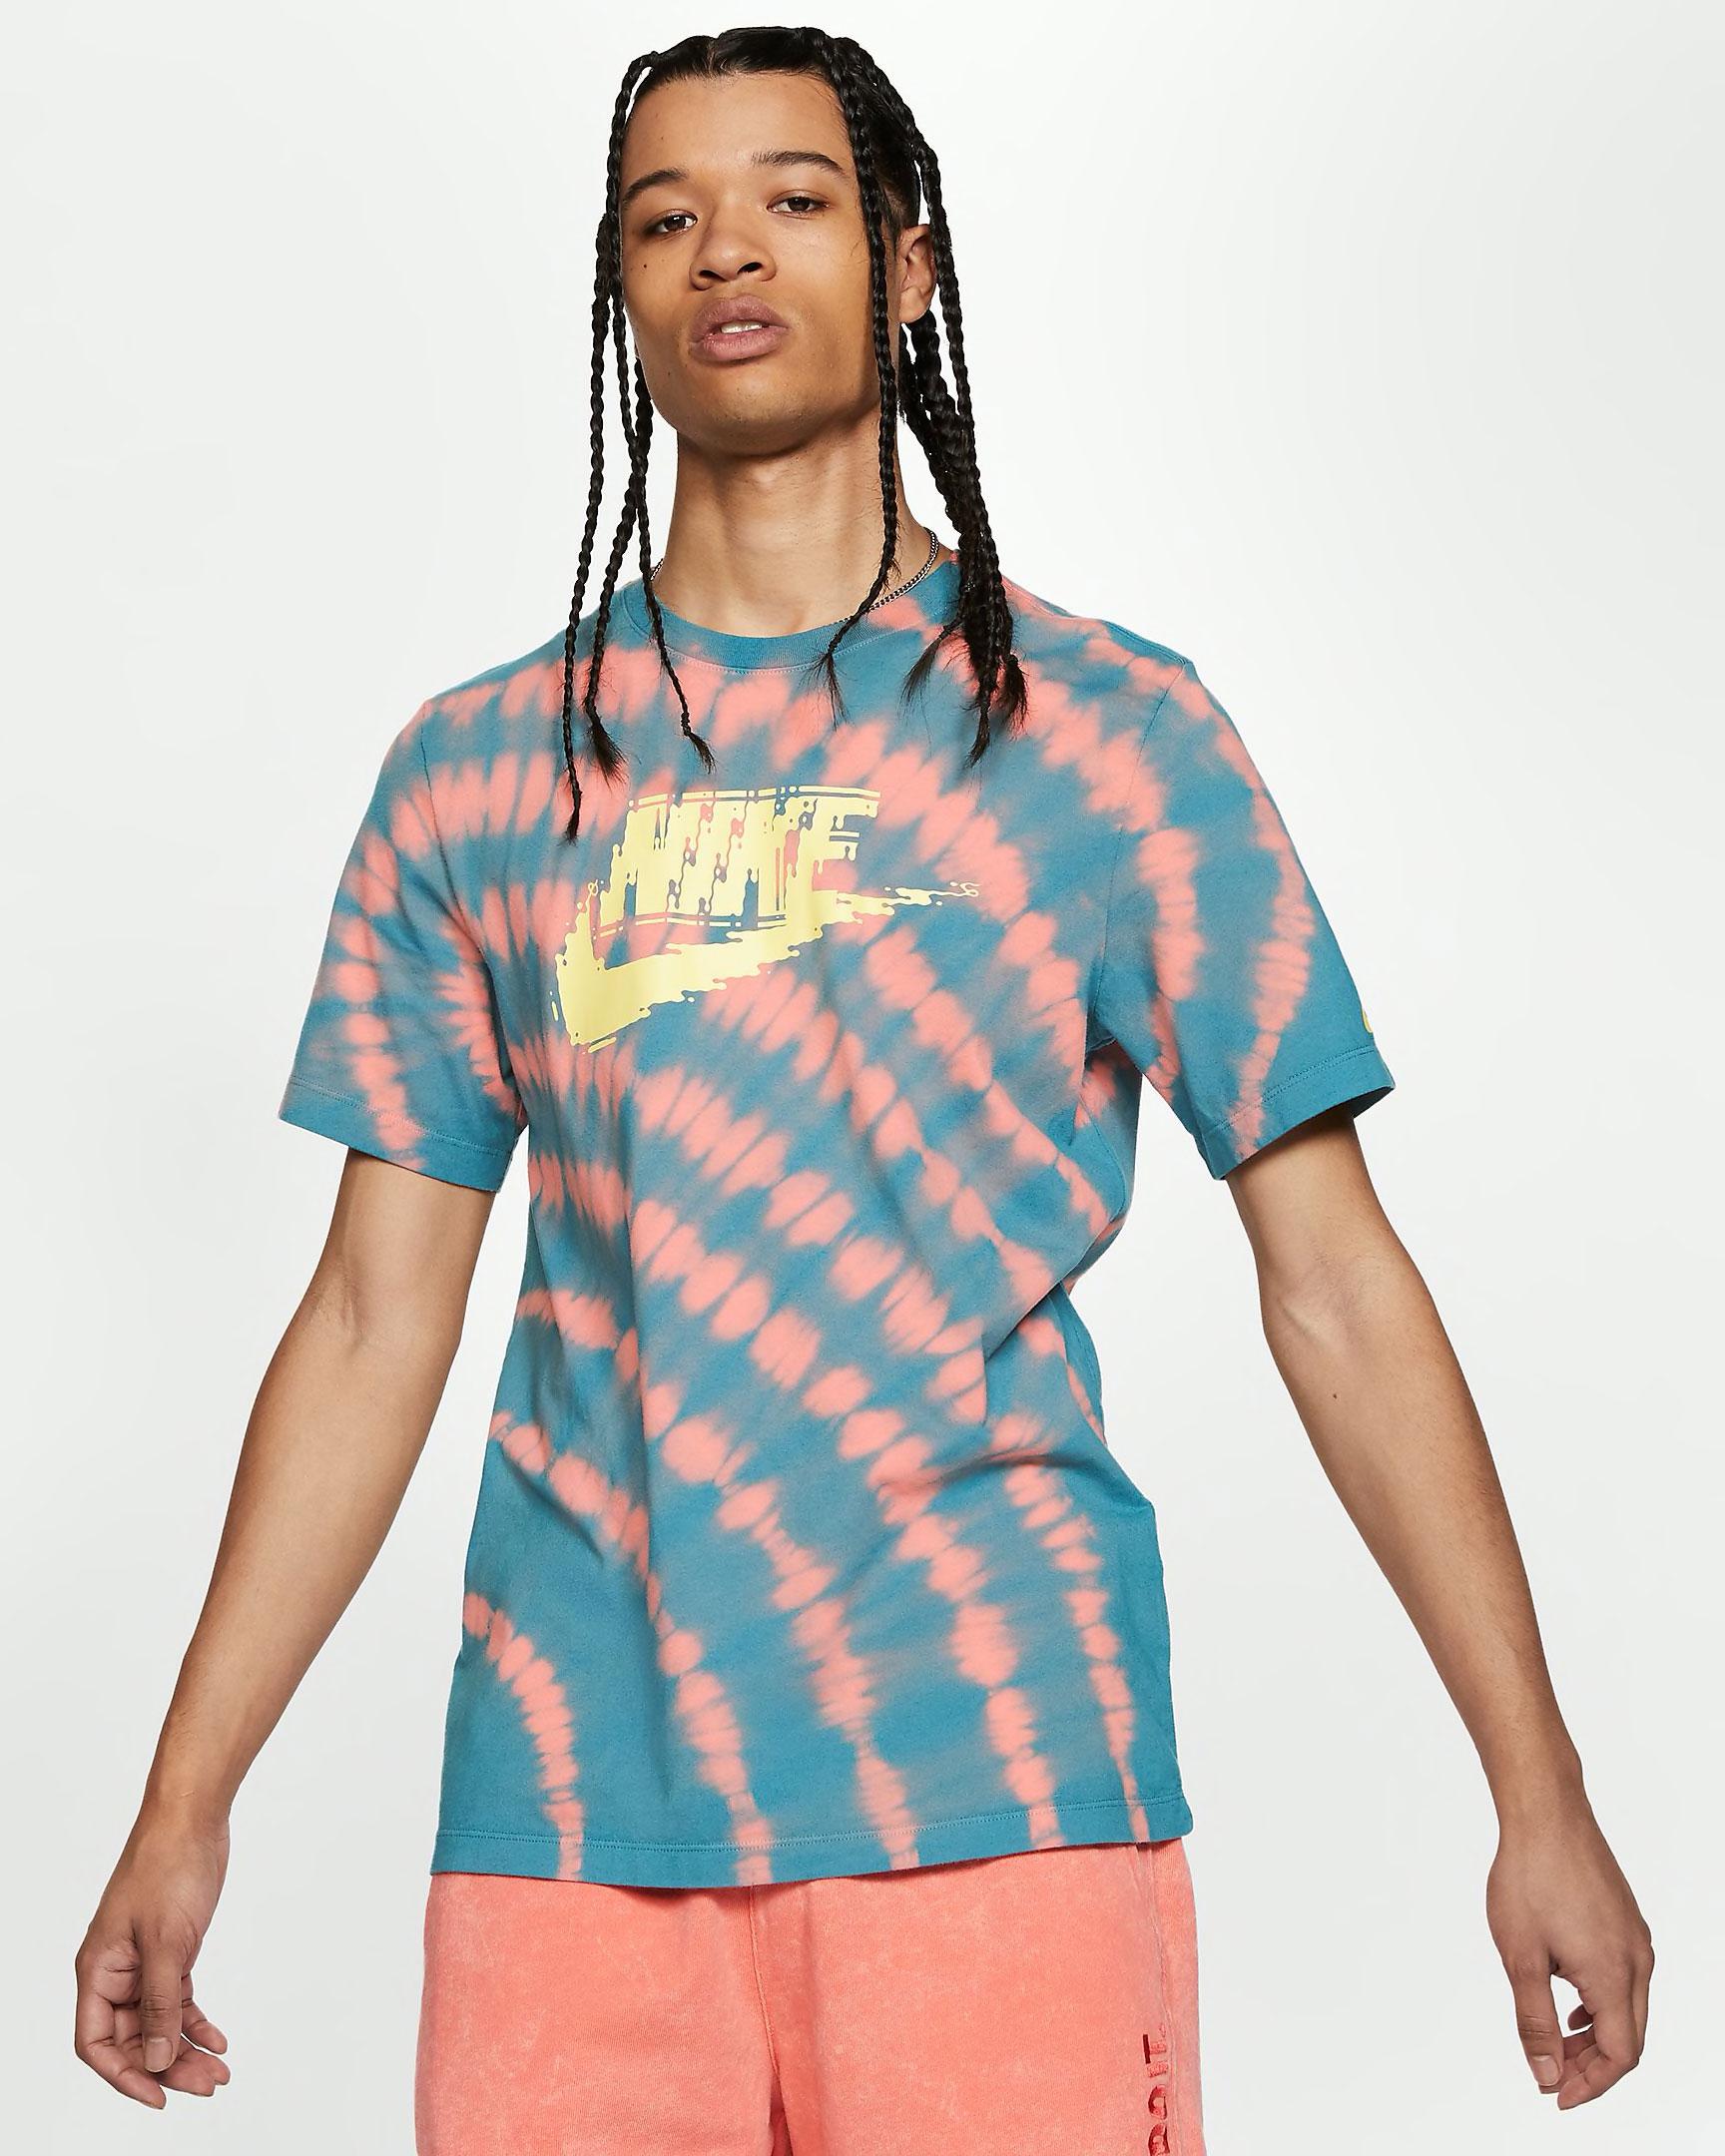 nike-air-max-95-alien-tie-dye-shirt